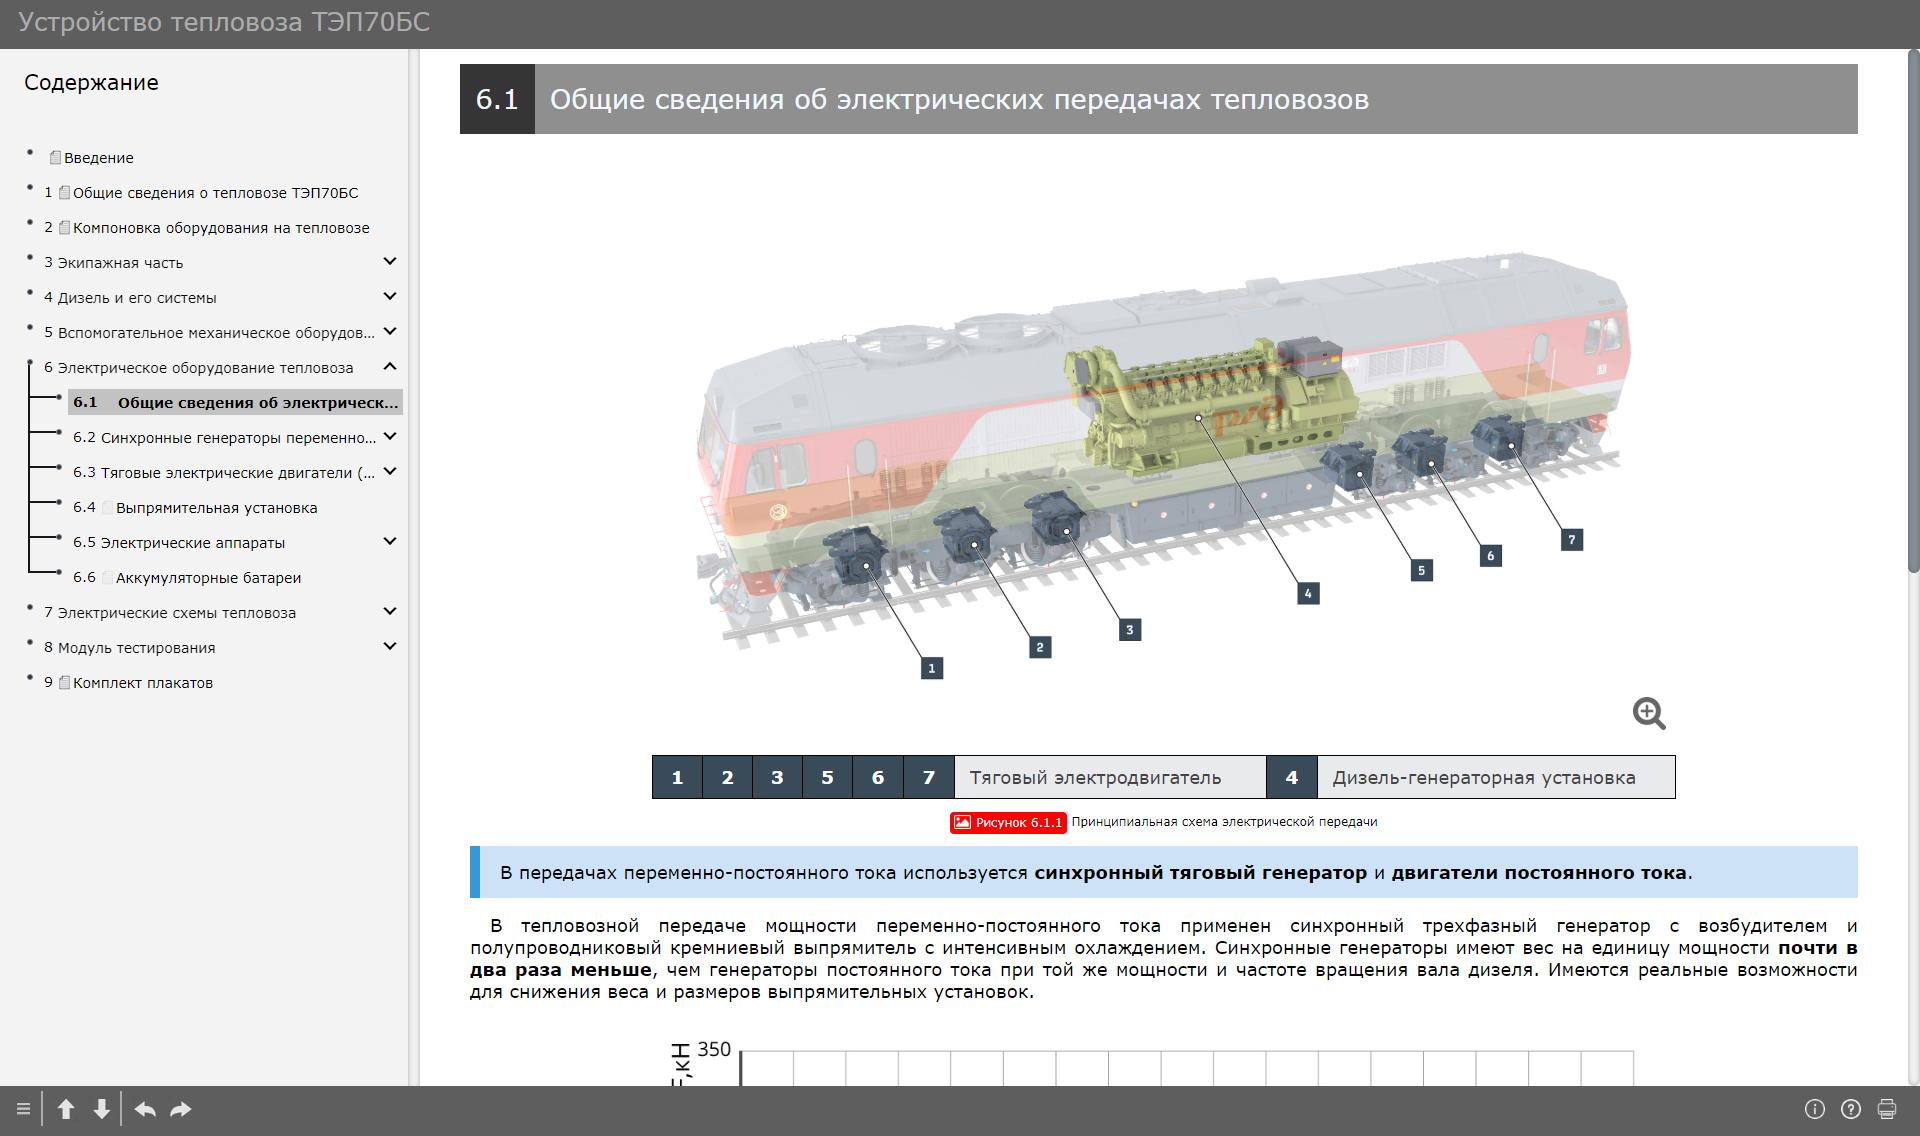 tep70bs 013 Электронный учебный комплекс «Устройство тепловоза ТЭП70БС»